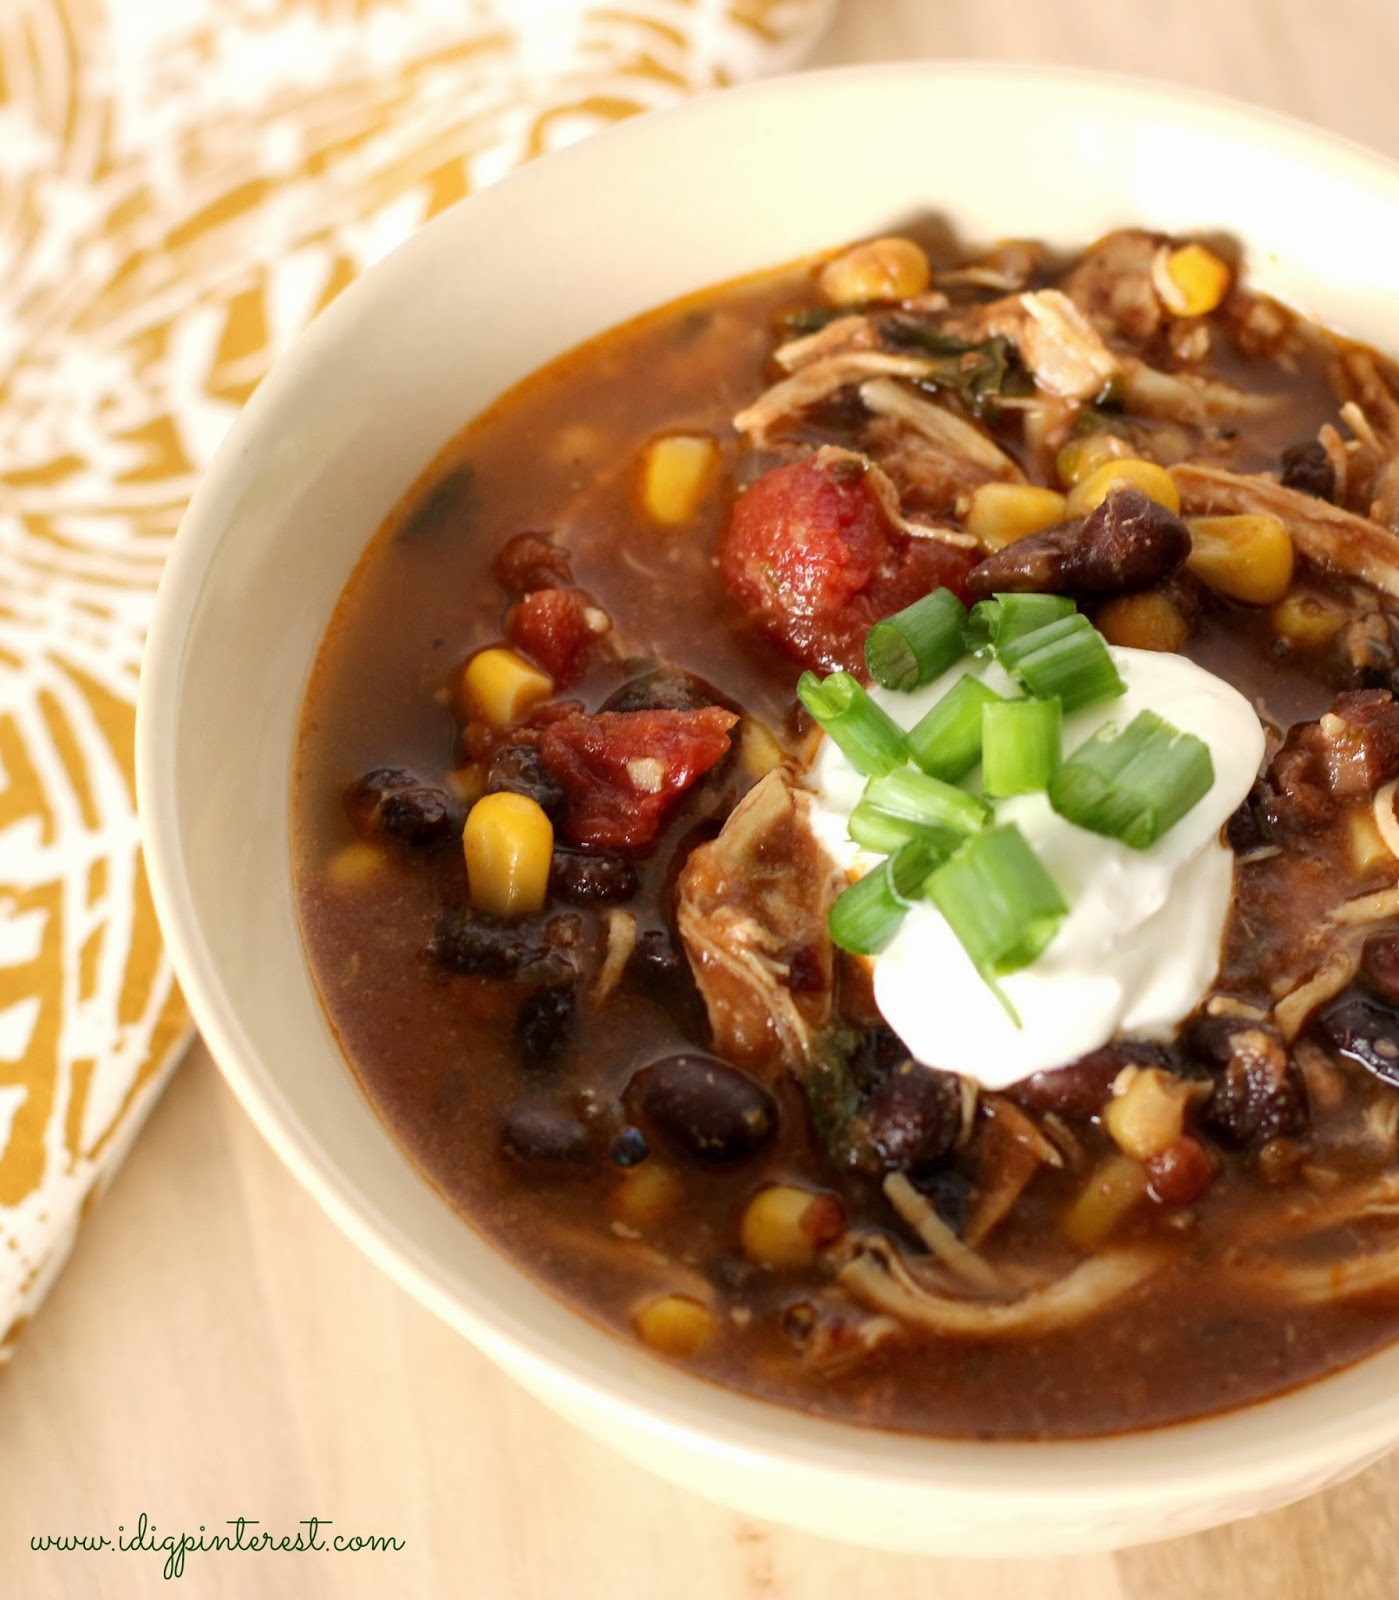 Dig Pinterest: Skinny Crock Pot Chicken Enchilada Soup